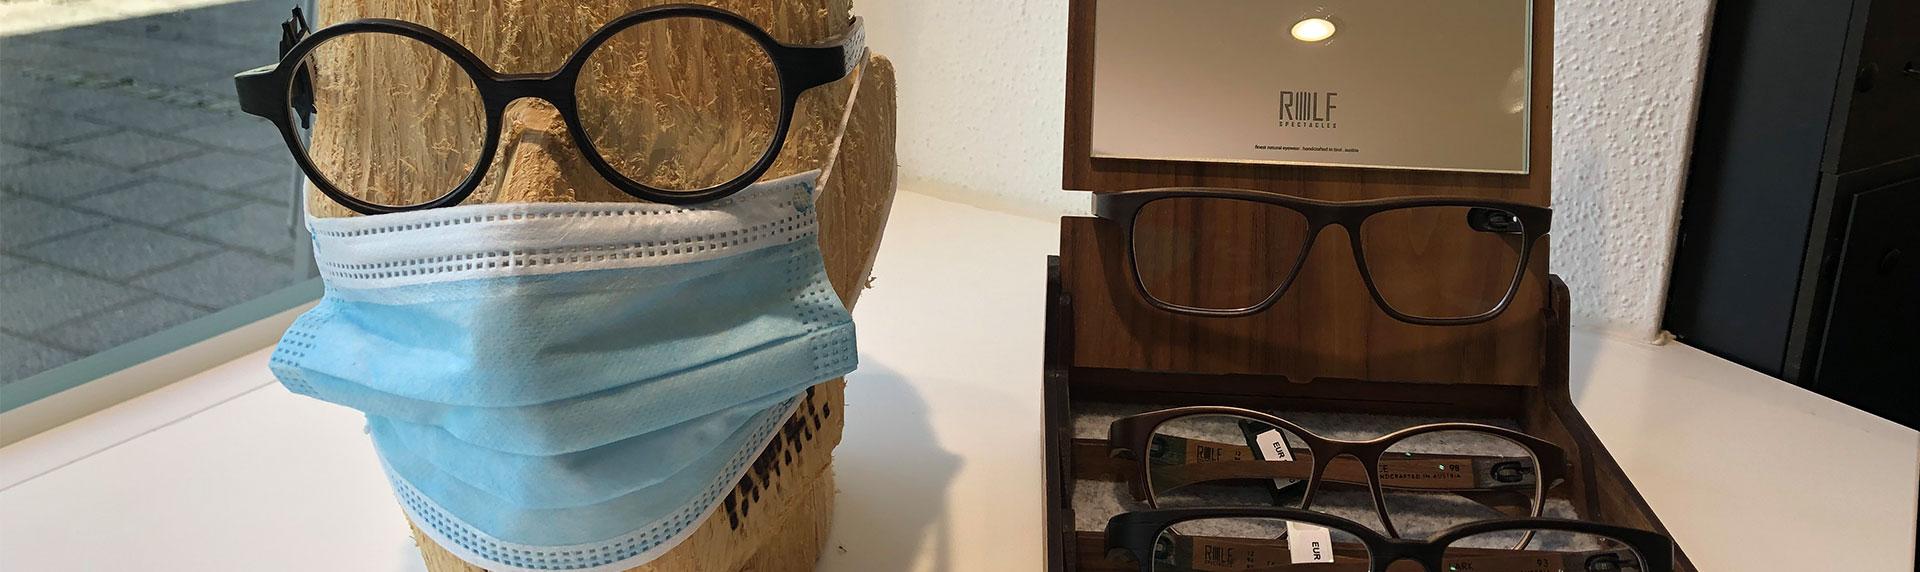 Brille von ROLF Spectacles und Kopf-Modell mit Maske